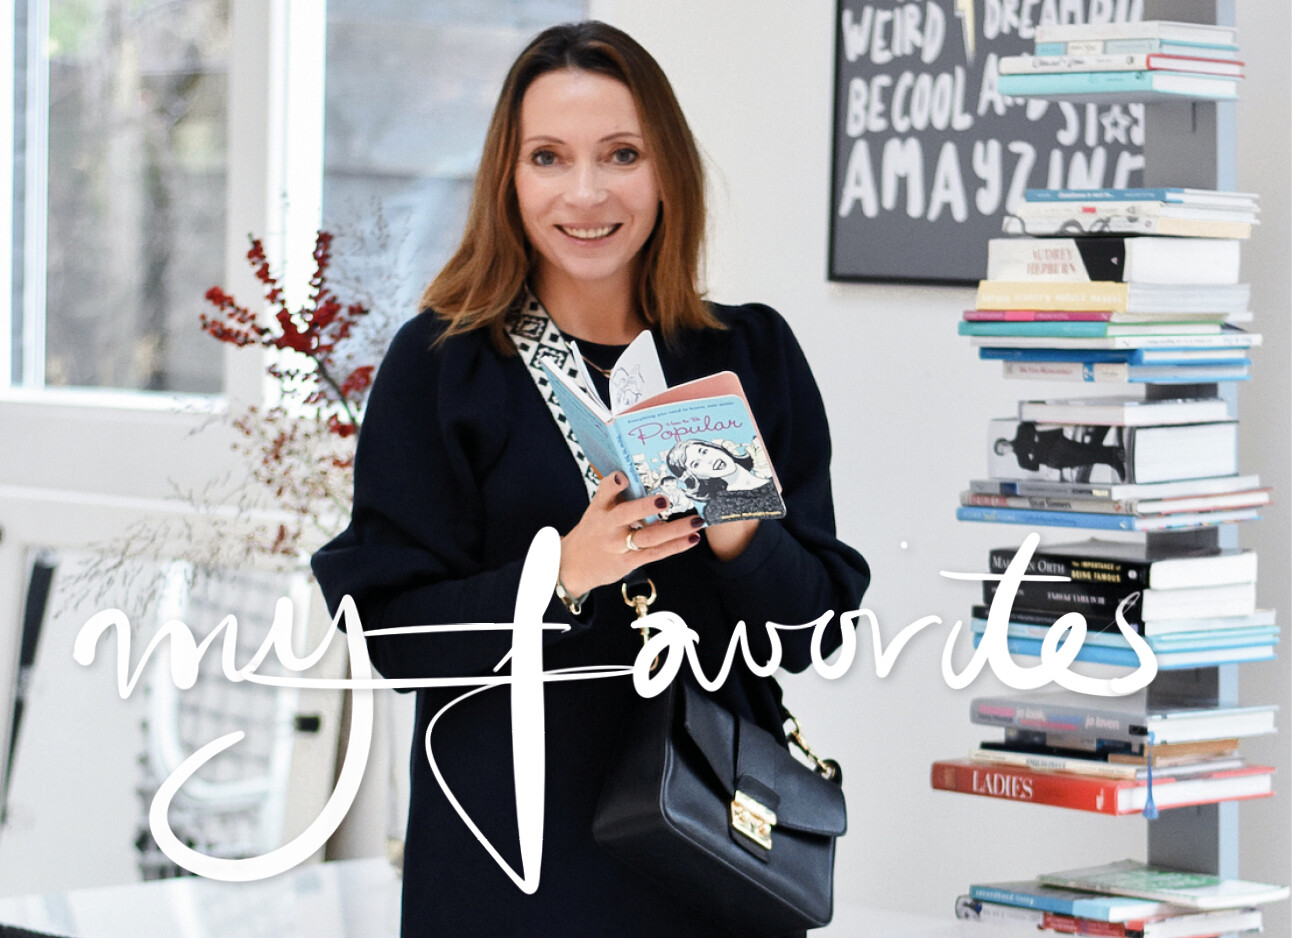 May-Britt Mobach bij een boekenrek